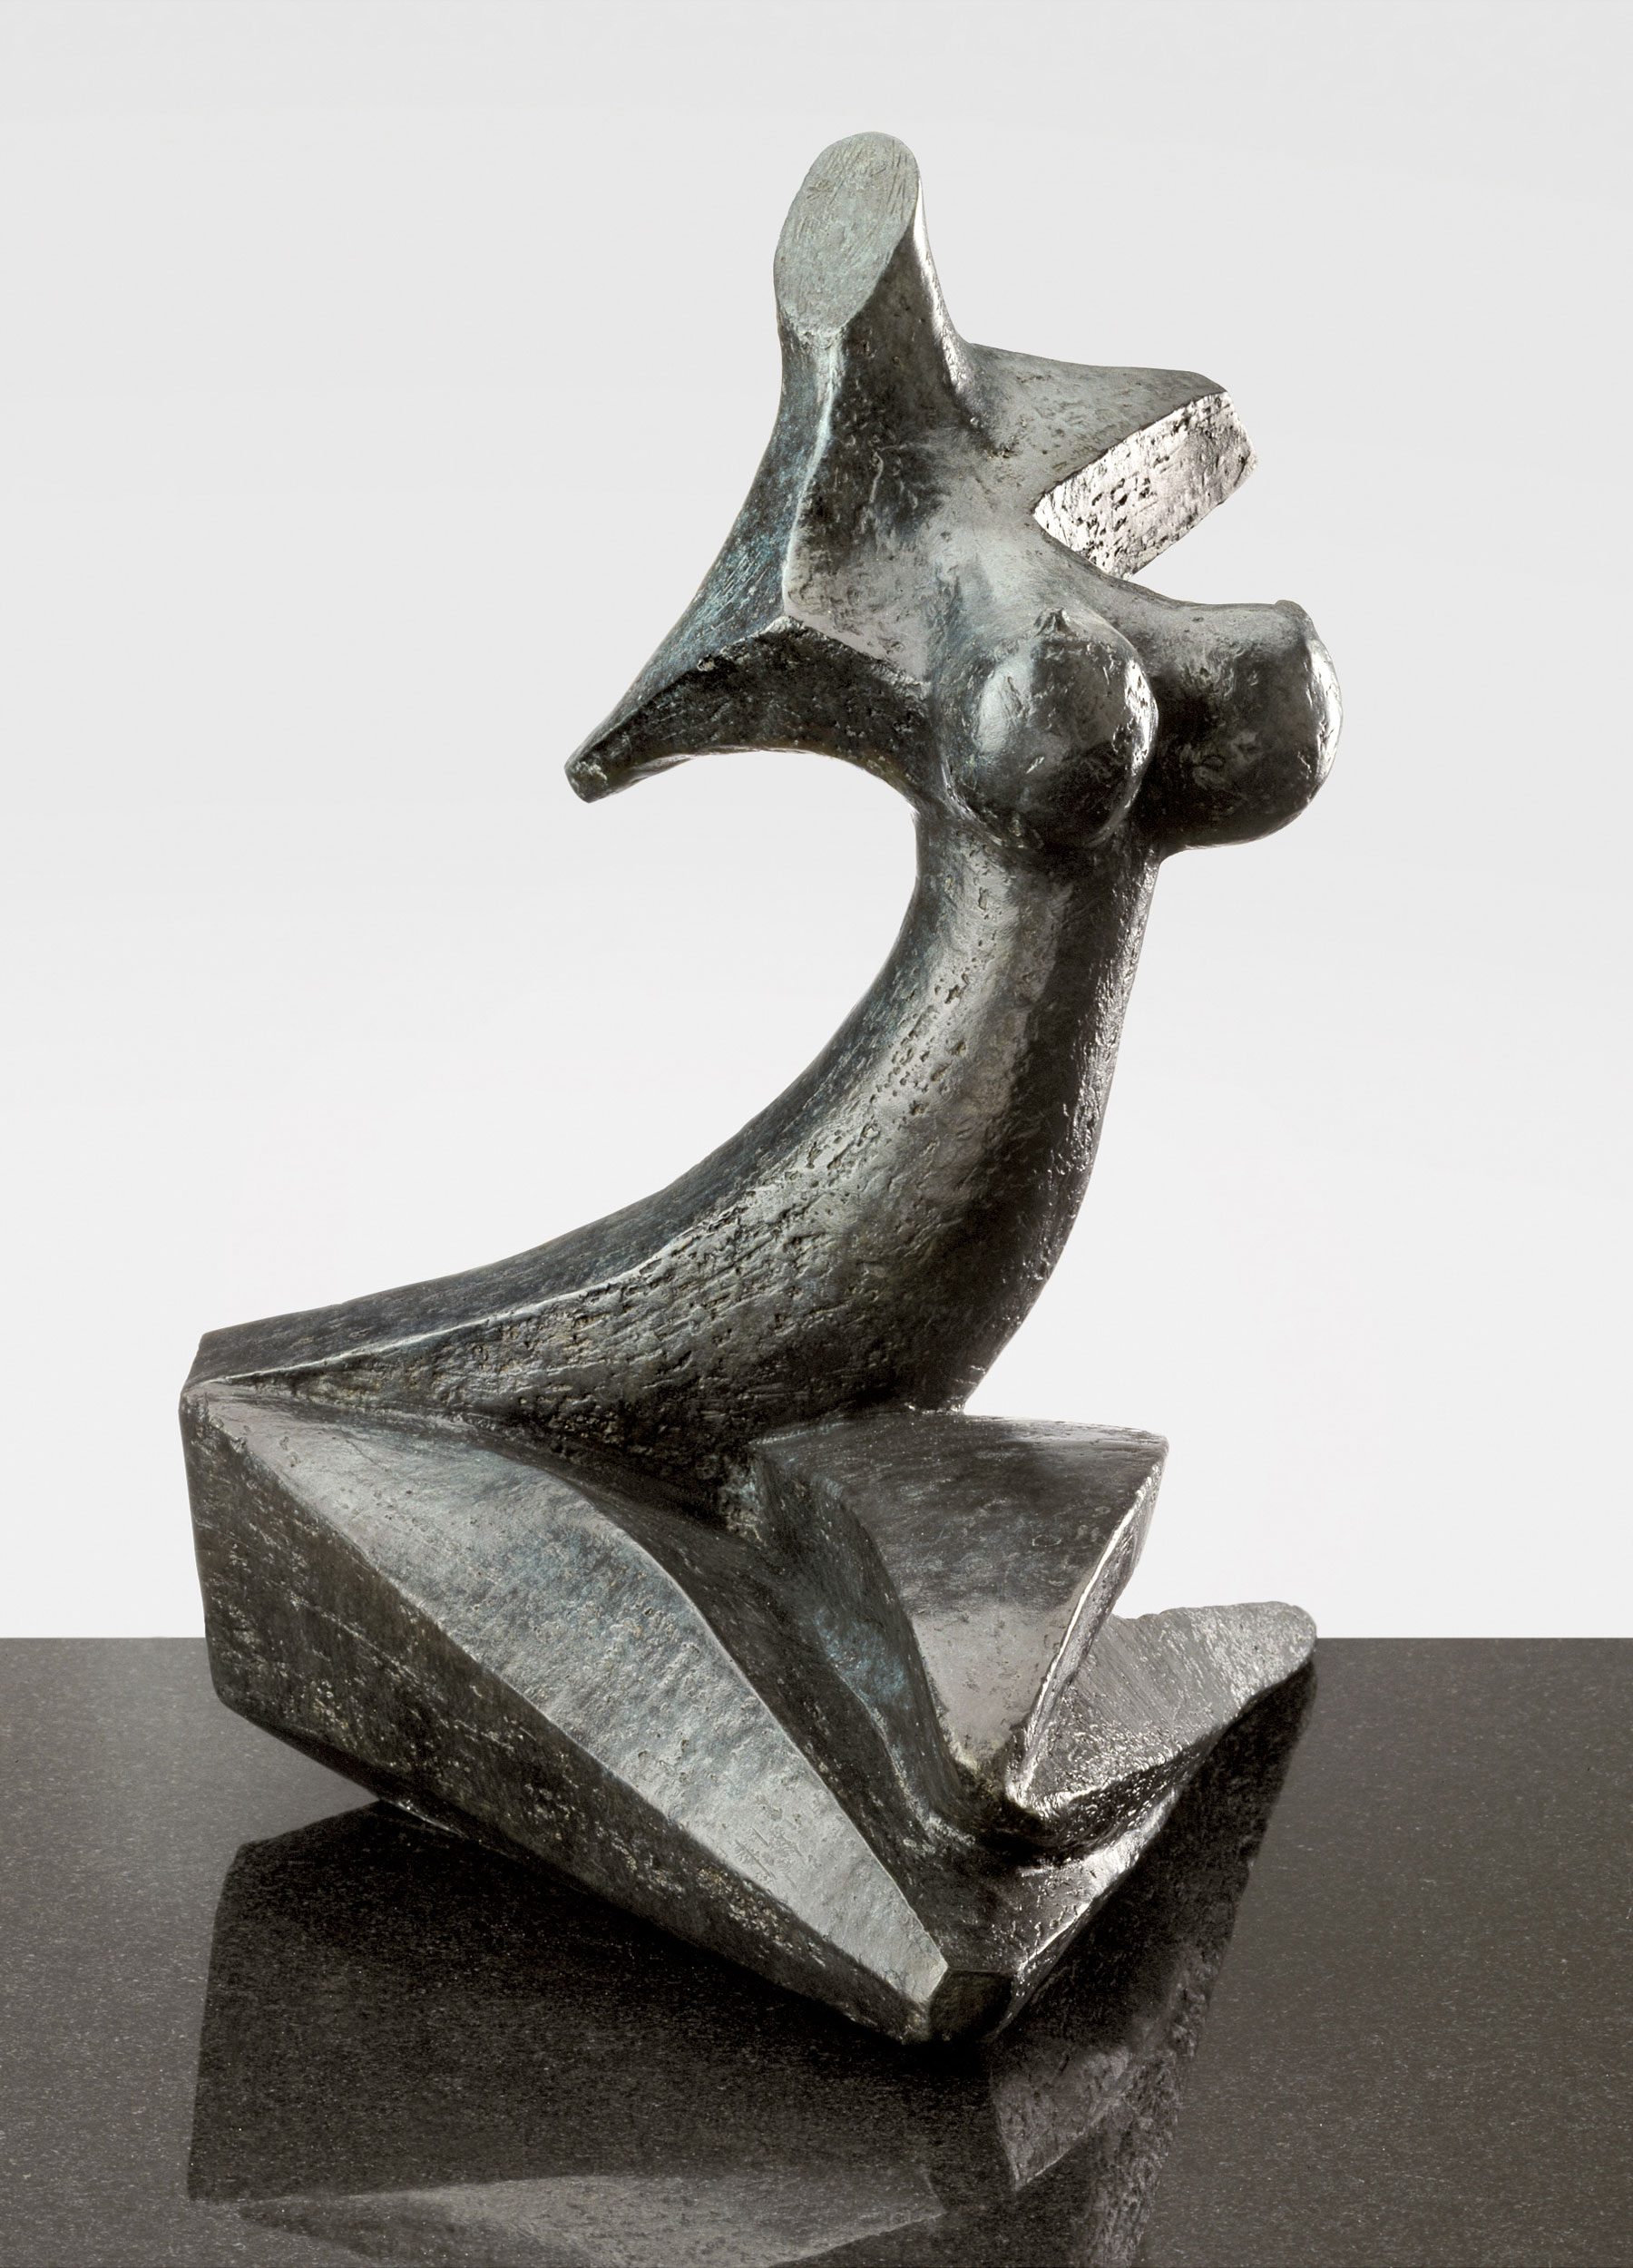 perle noire sculpture contemporaine marion b rkle marion buerkle sculptor